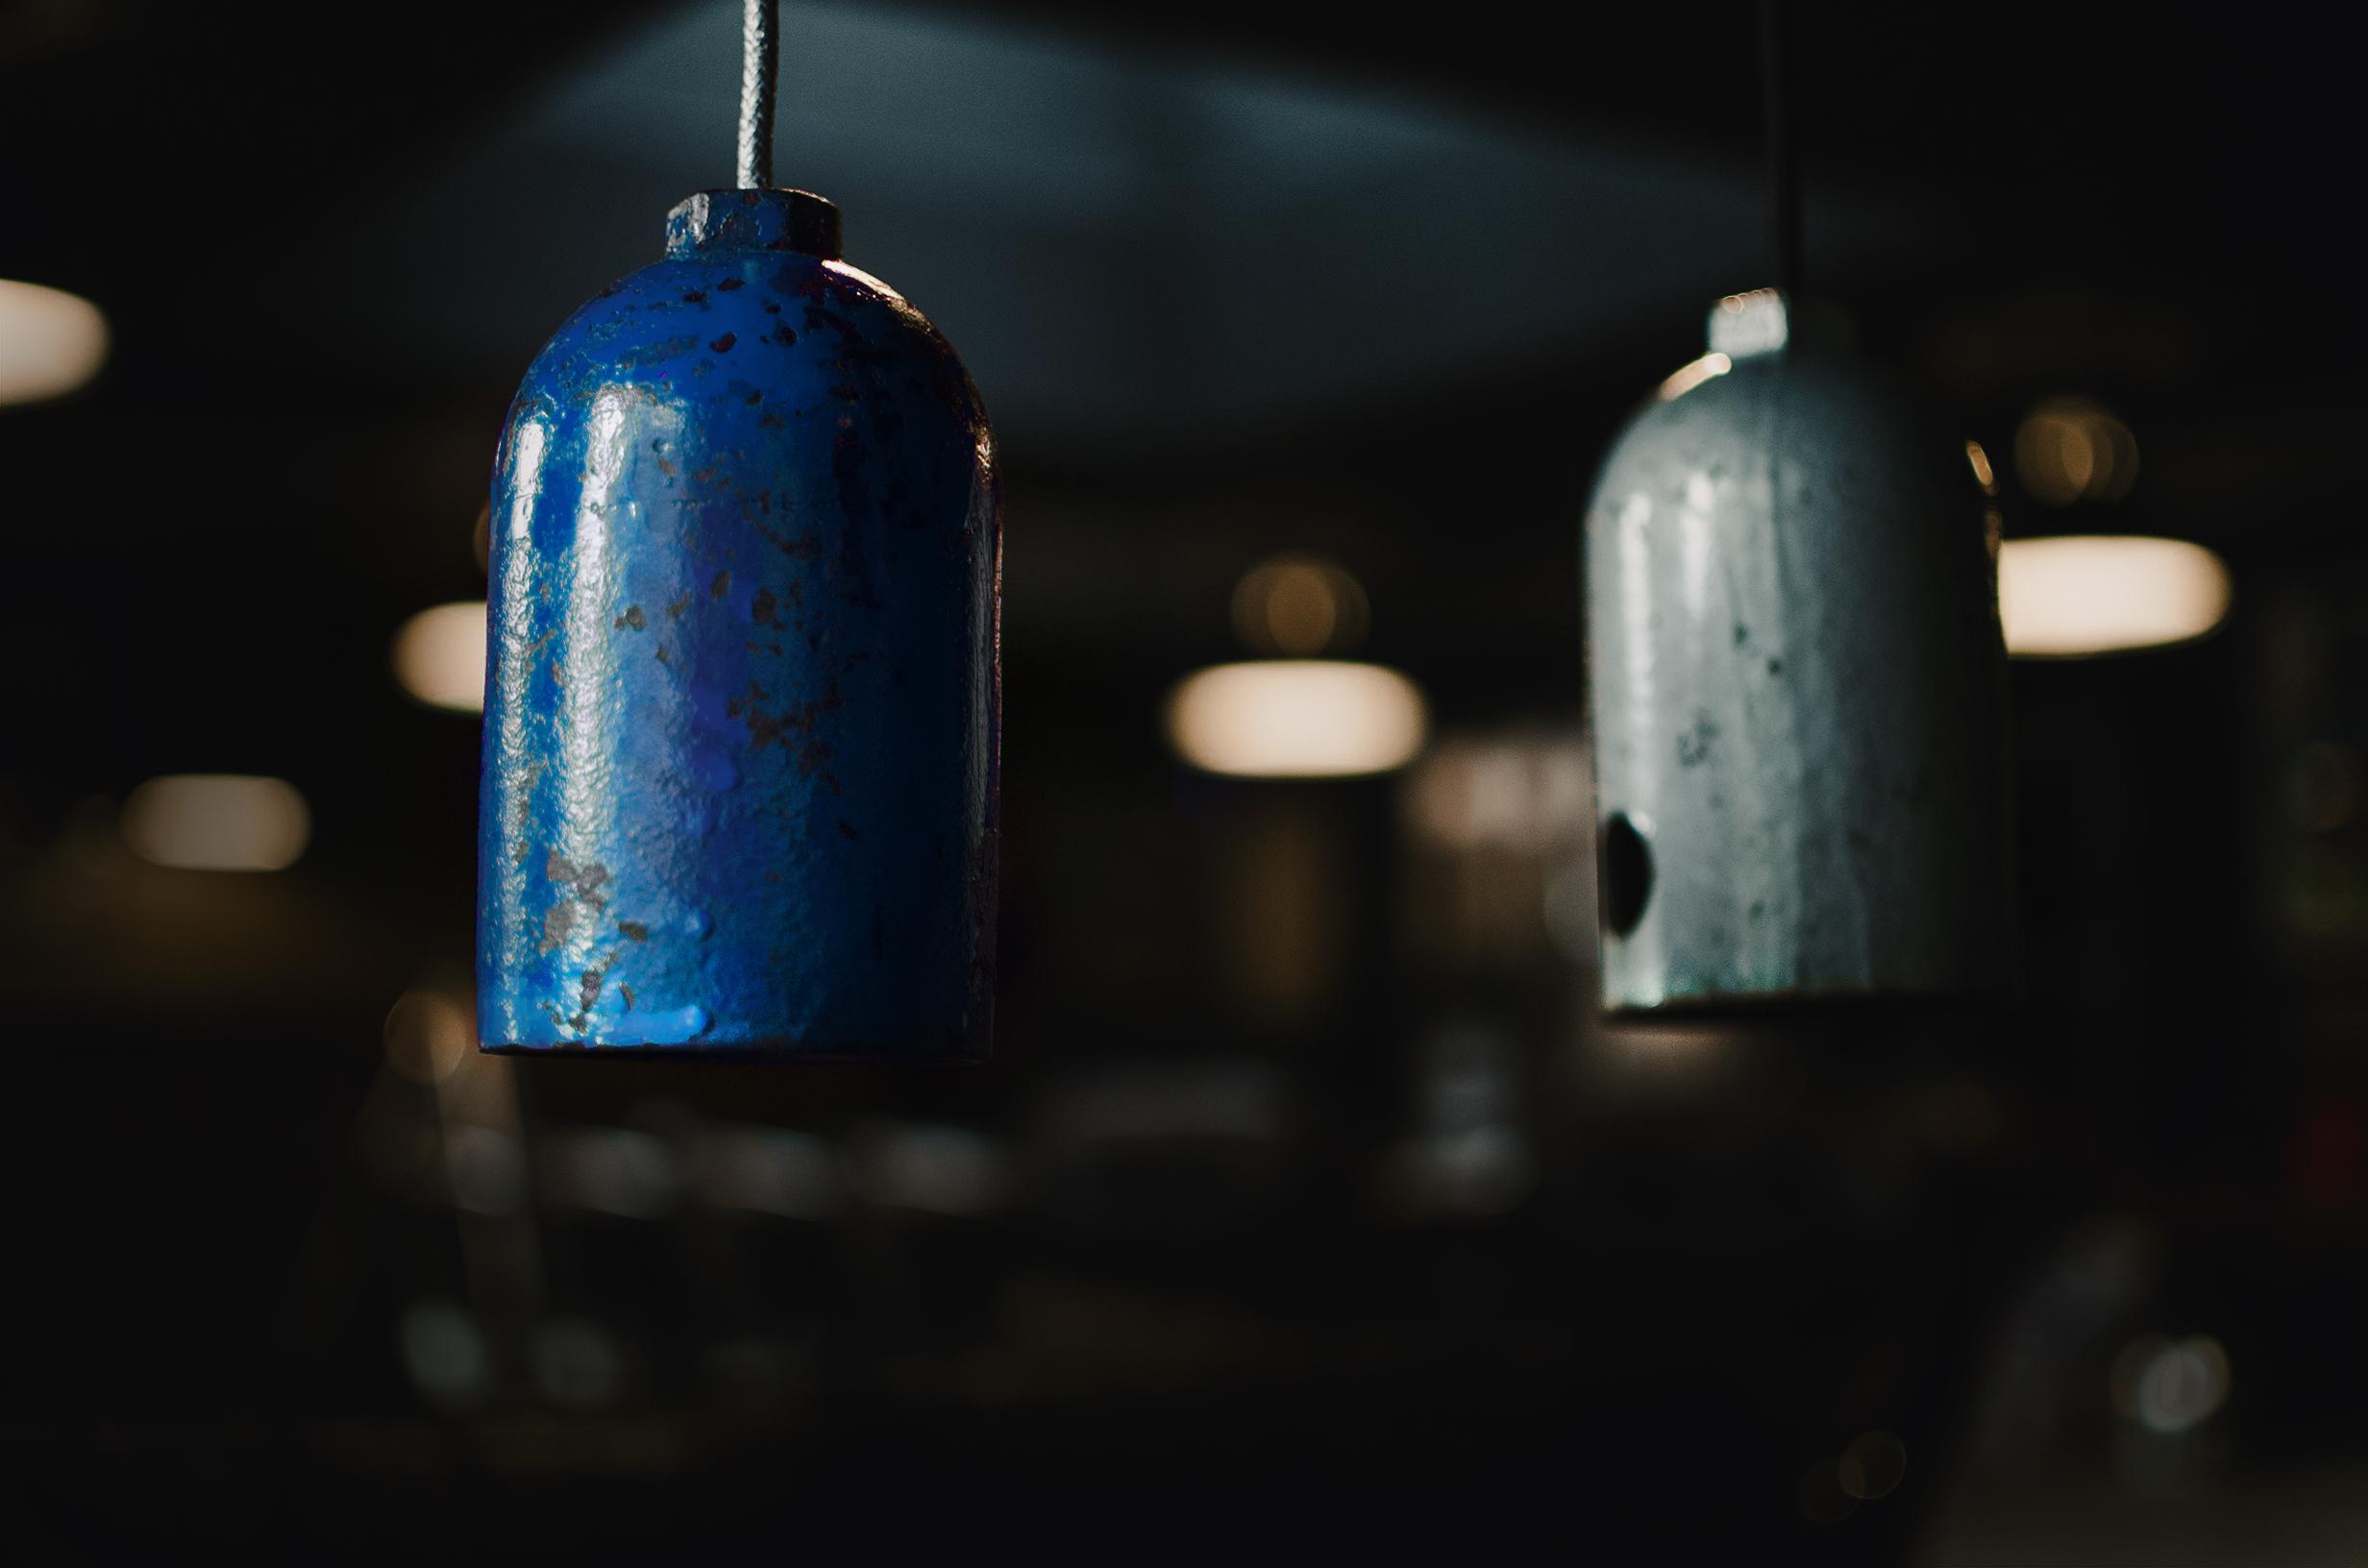 Gaz. model lamp-holders